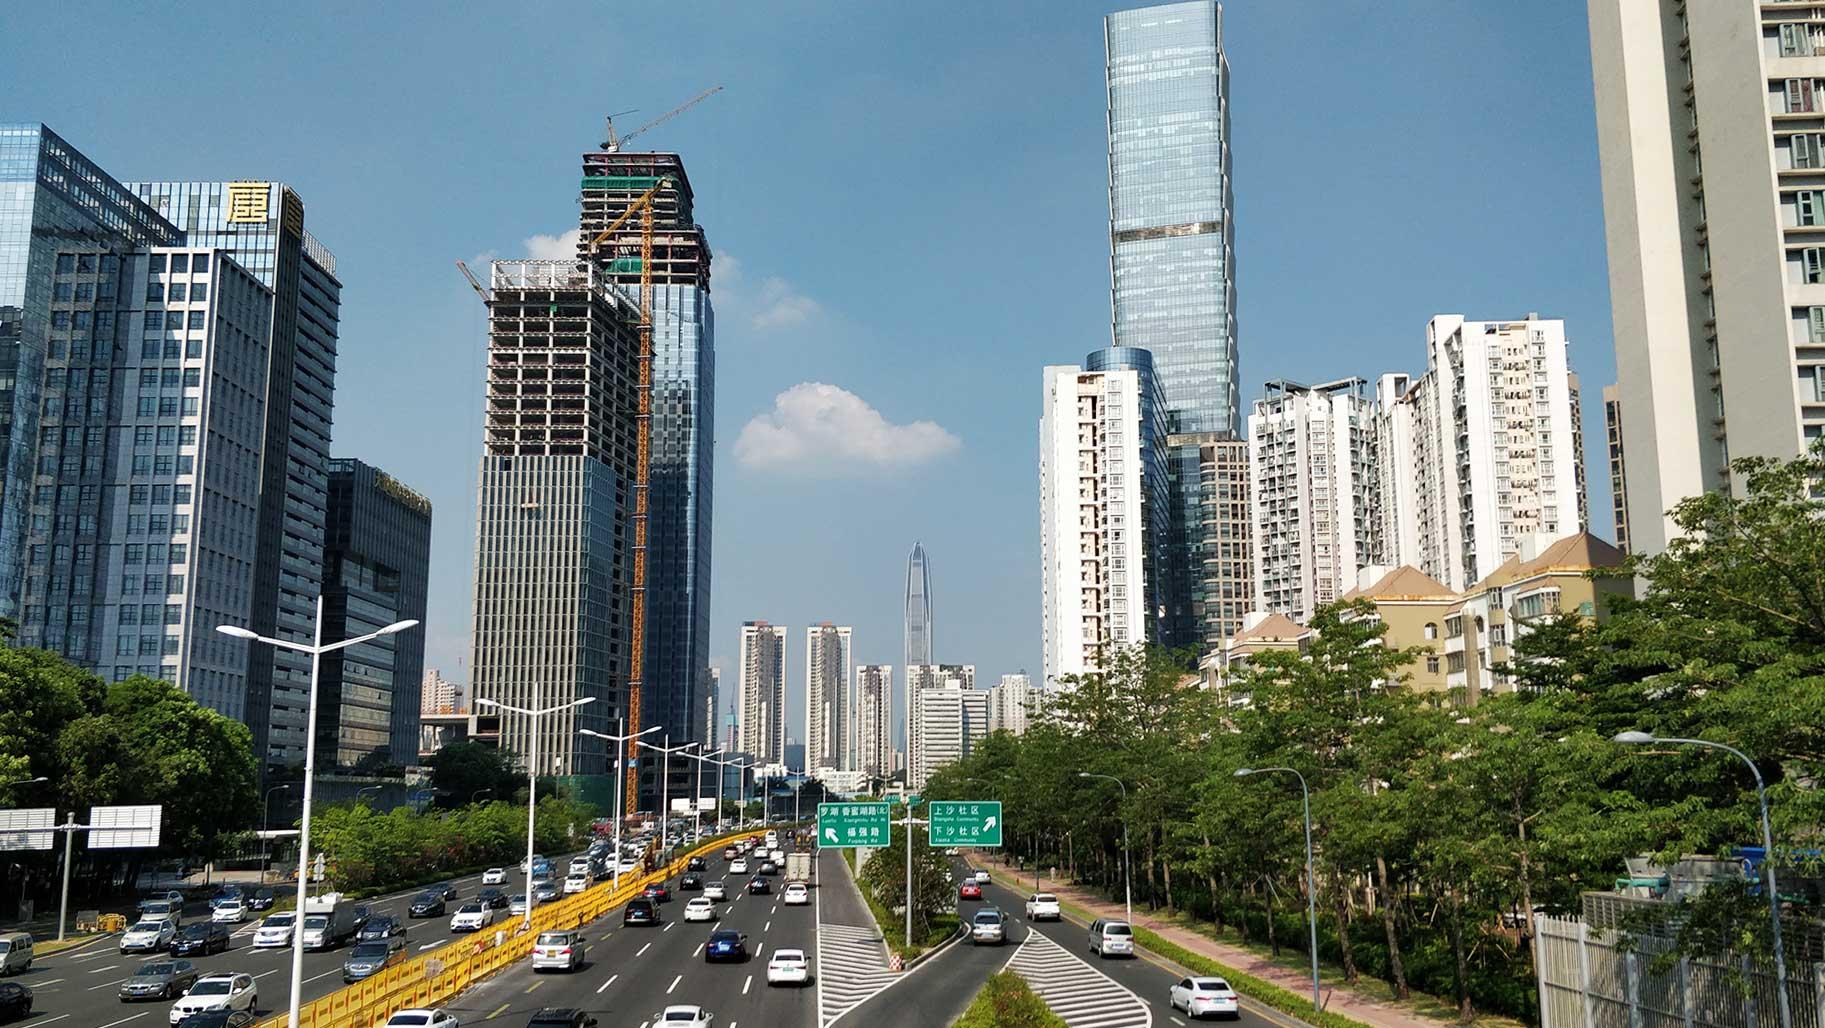 Die Stadt wächst rasant: überall werden neue Hochhäuser gebaut.